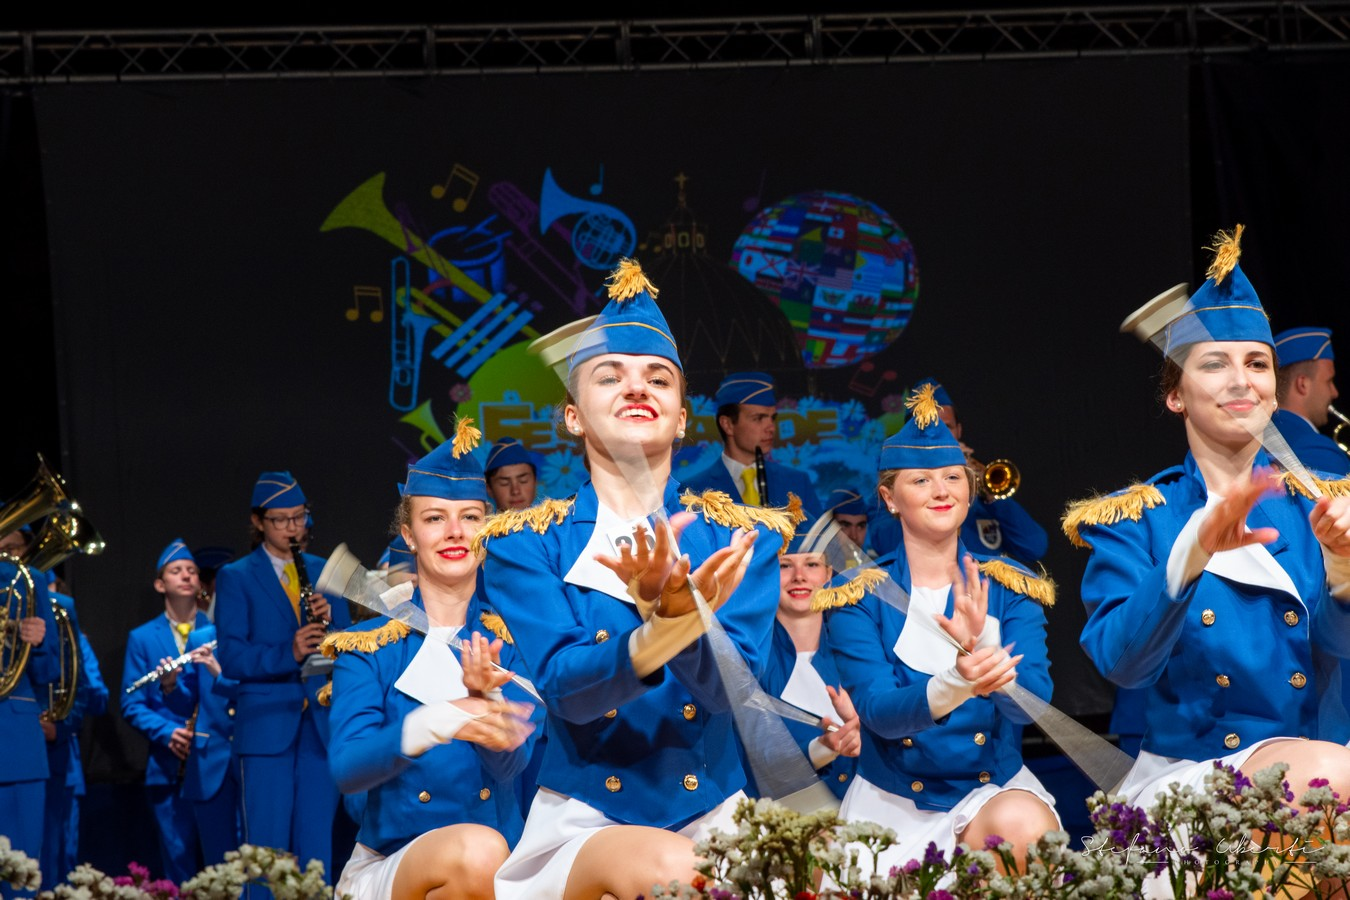 festival-bande-giulianova53